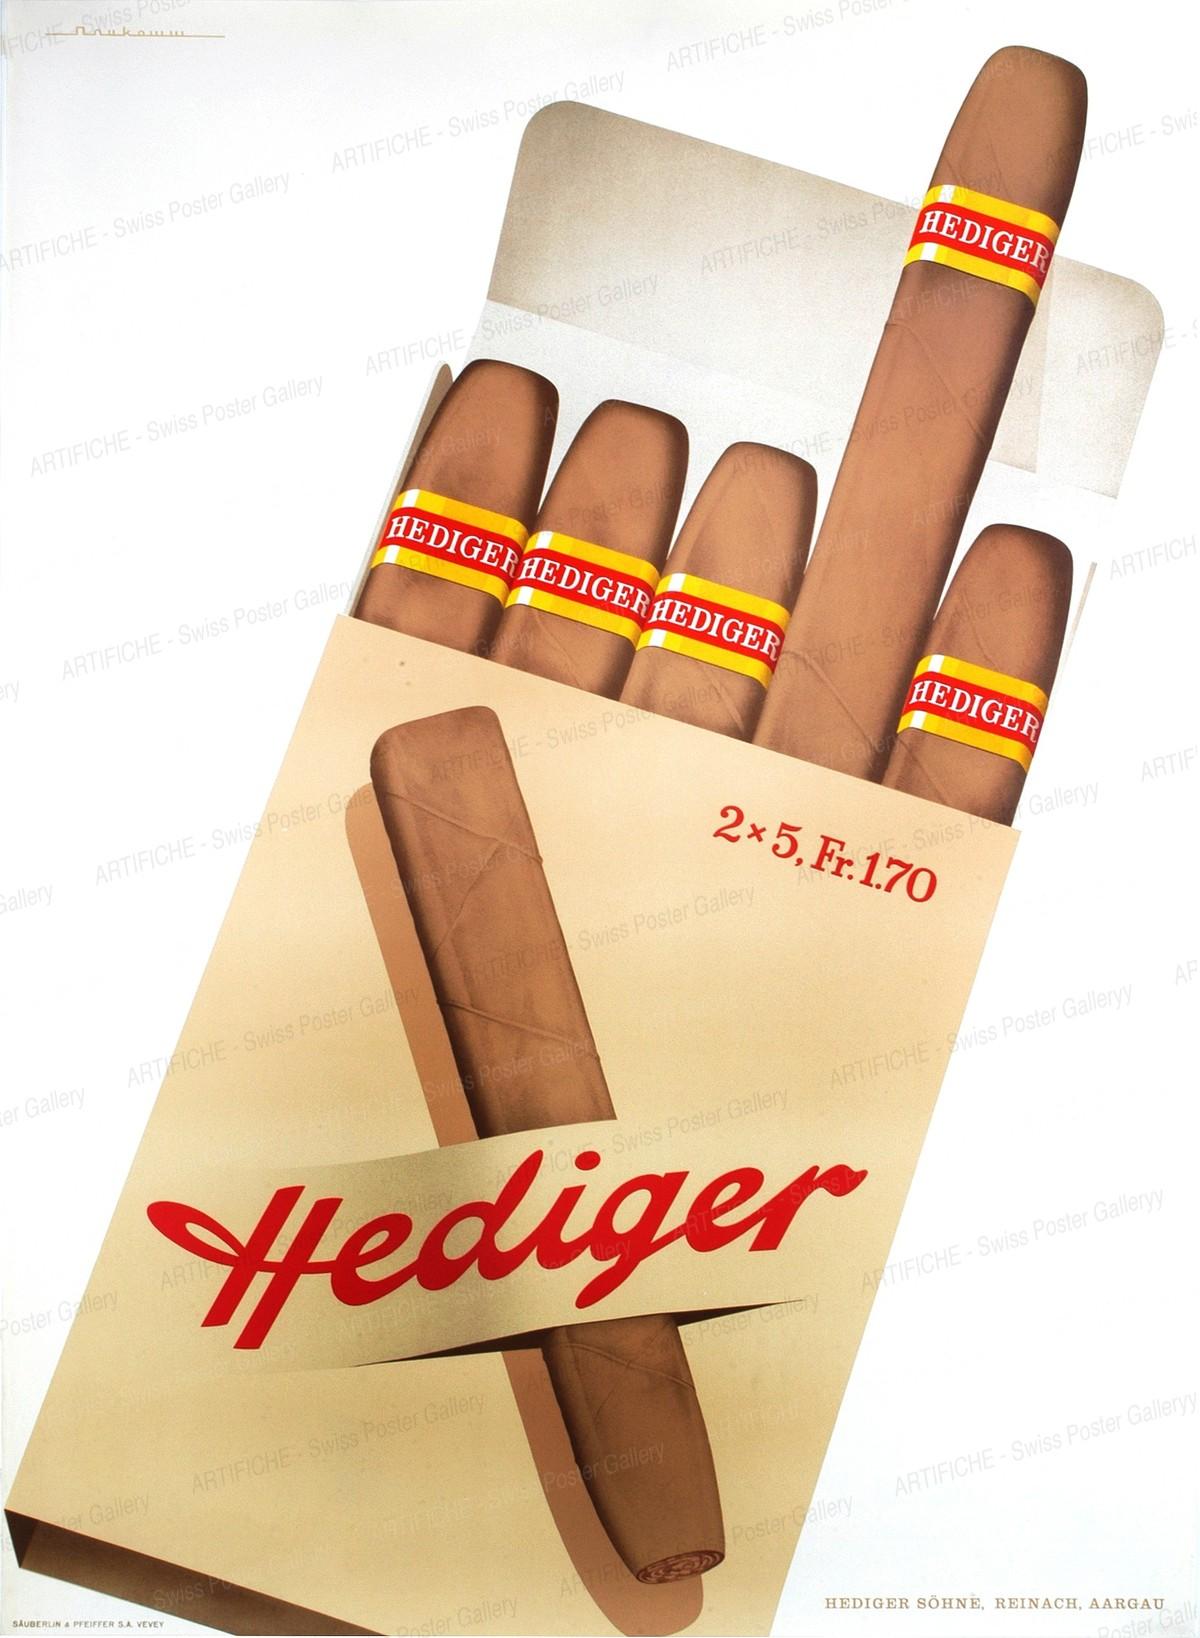 Hediger Cigars, Alfred Neukomm